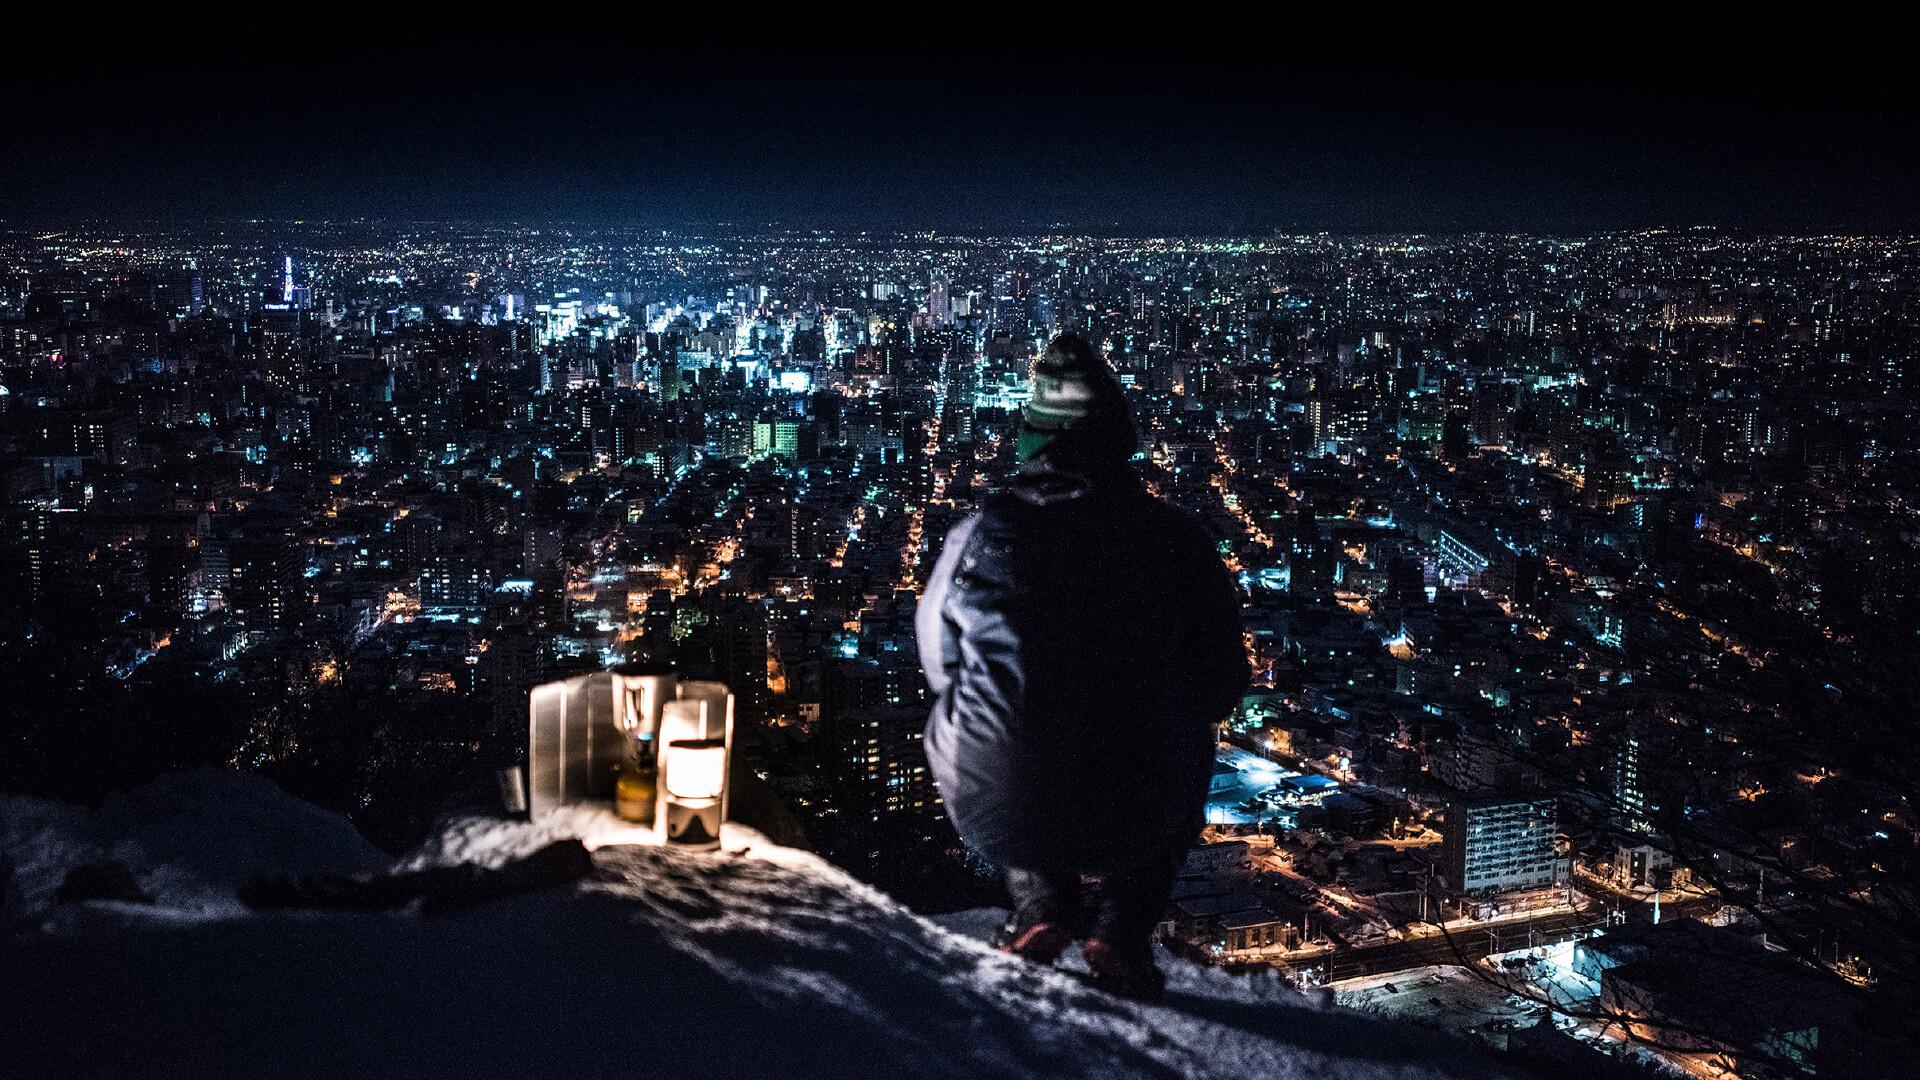 夜景パネル展 「円山山頂から望む札幌の夜景」